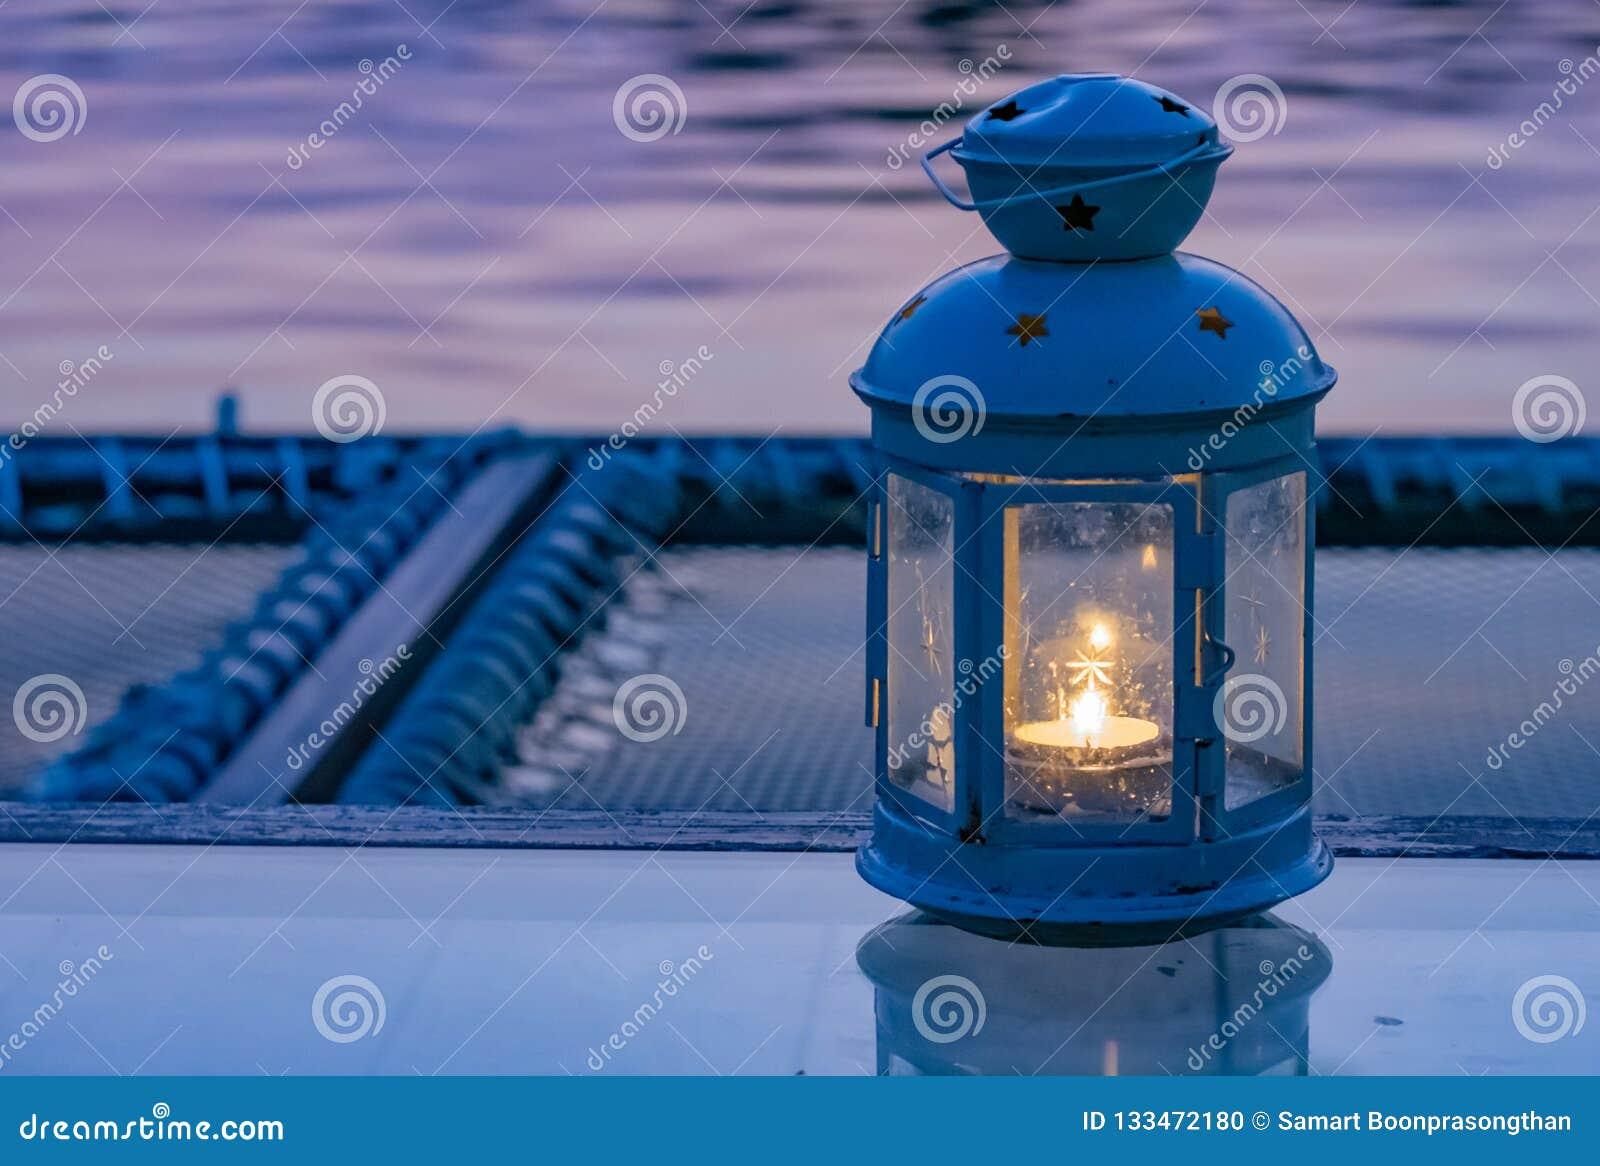 Kerzenfeuer werden in den Lampen, setzten auf dem Tisch enthalten